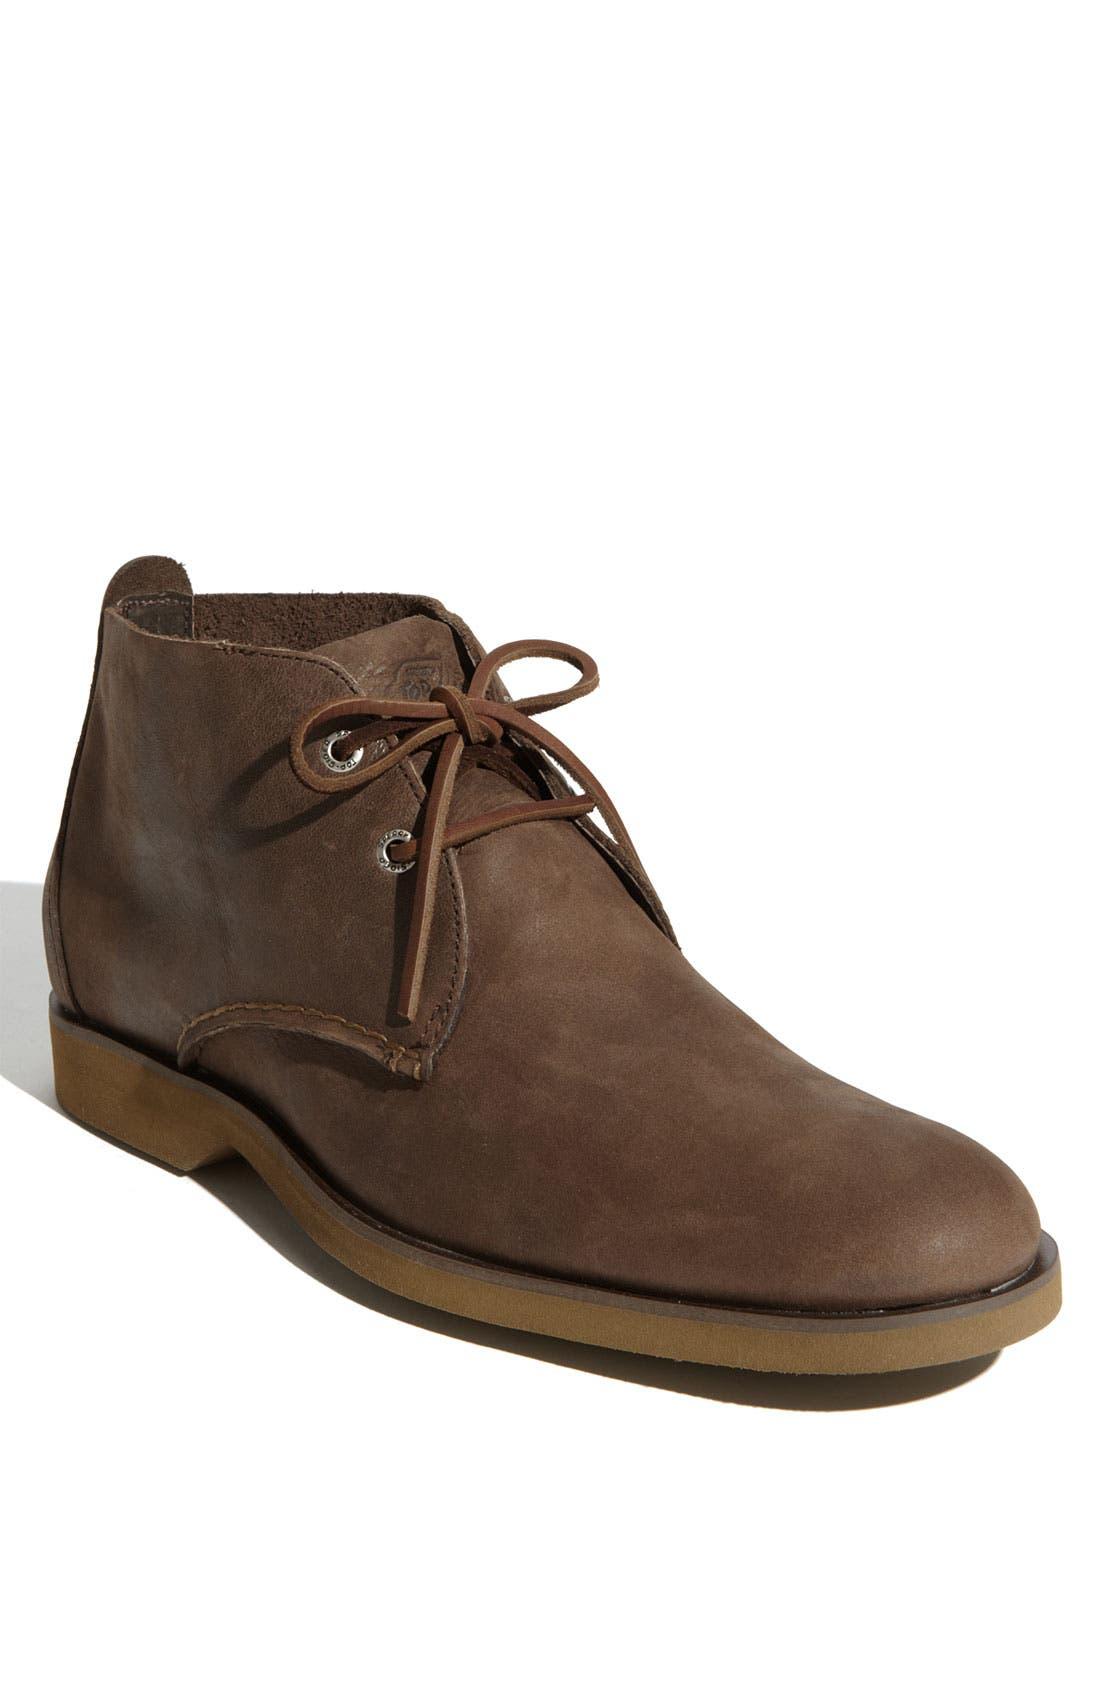 Top-Sider<sup>®</sup> 'Boat Ox' Chukka Boot,                             Main thumbnail 1, color,                             Dark Brown